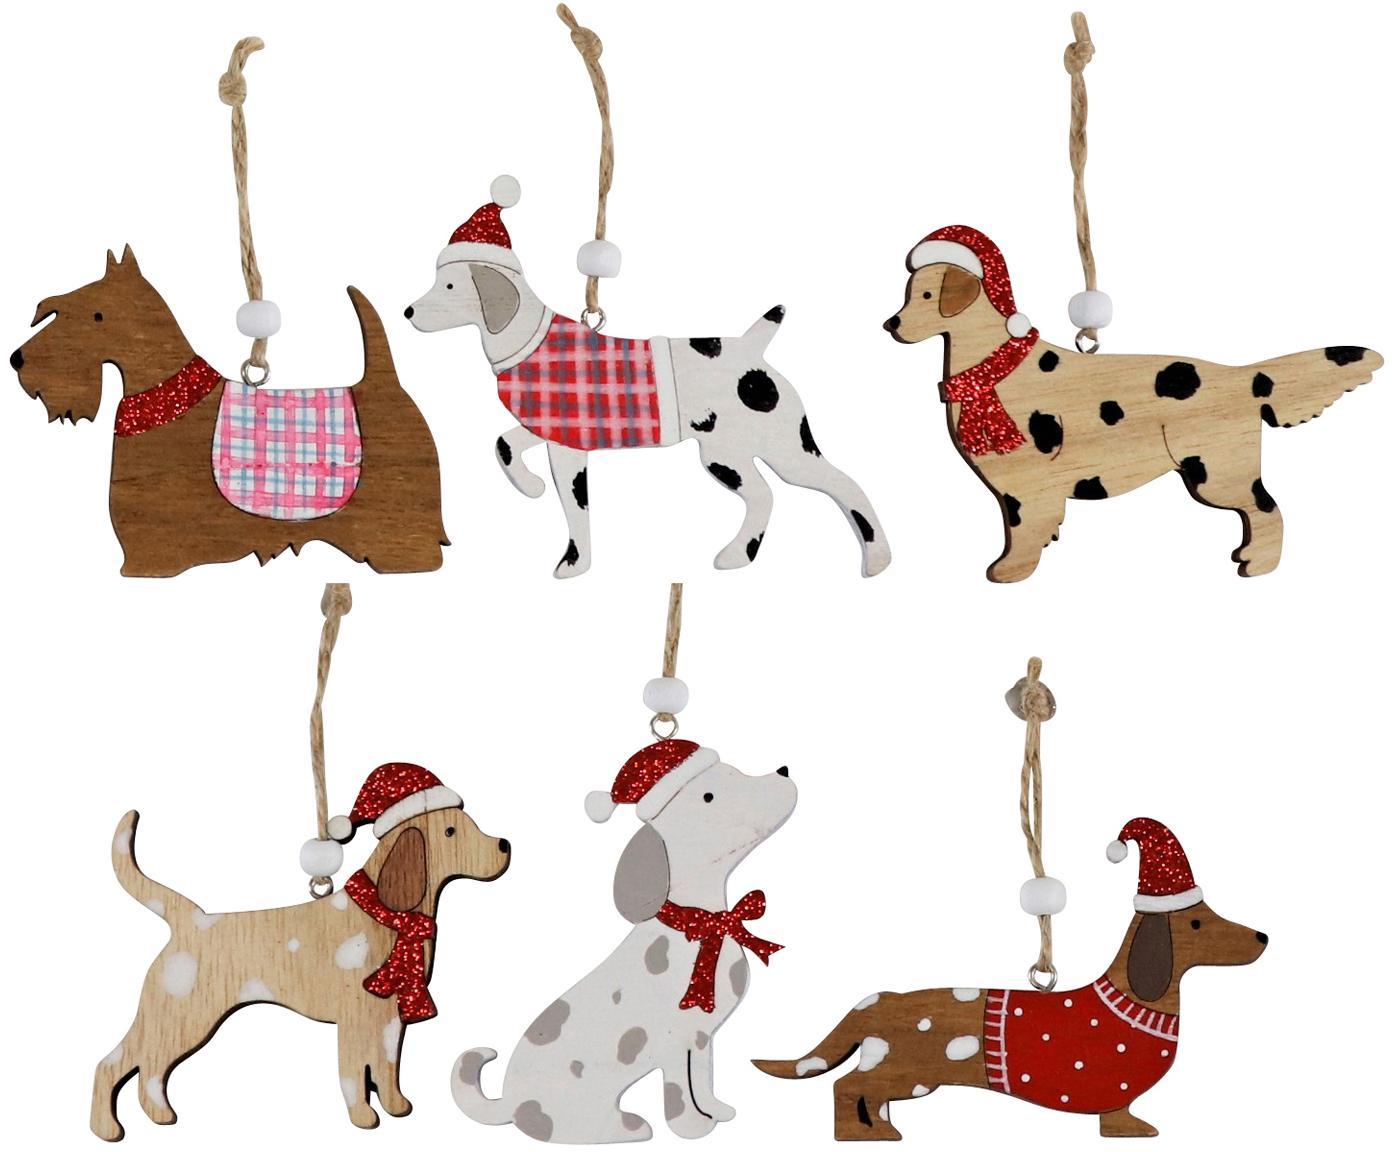 Holz-Baumanhänger-Set Christmas Dogs, 12-tlg., Holz, Mehrfarbig, 11 x 8 cm